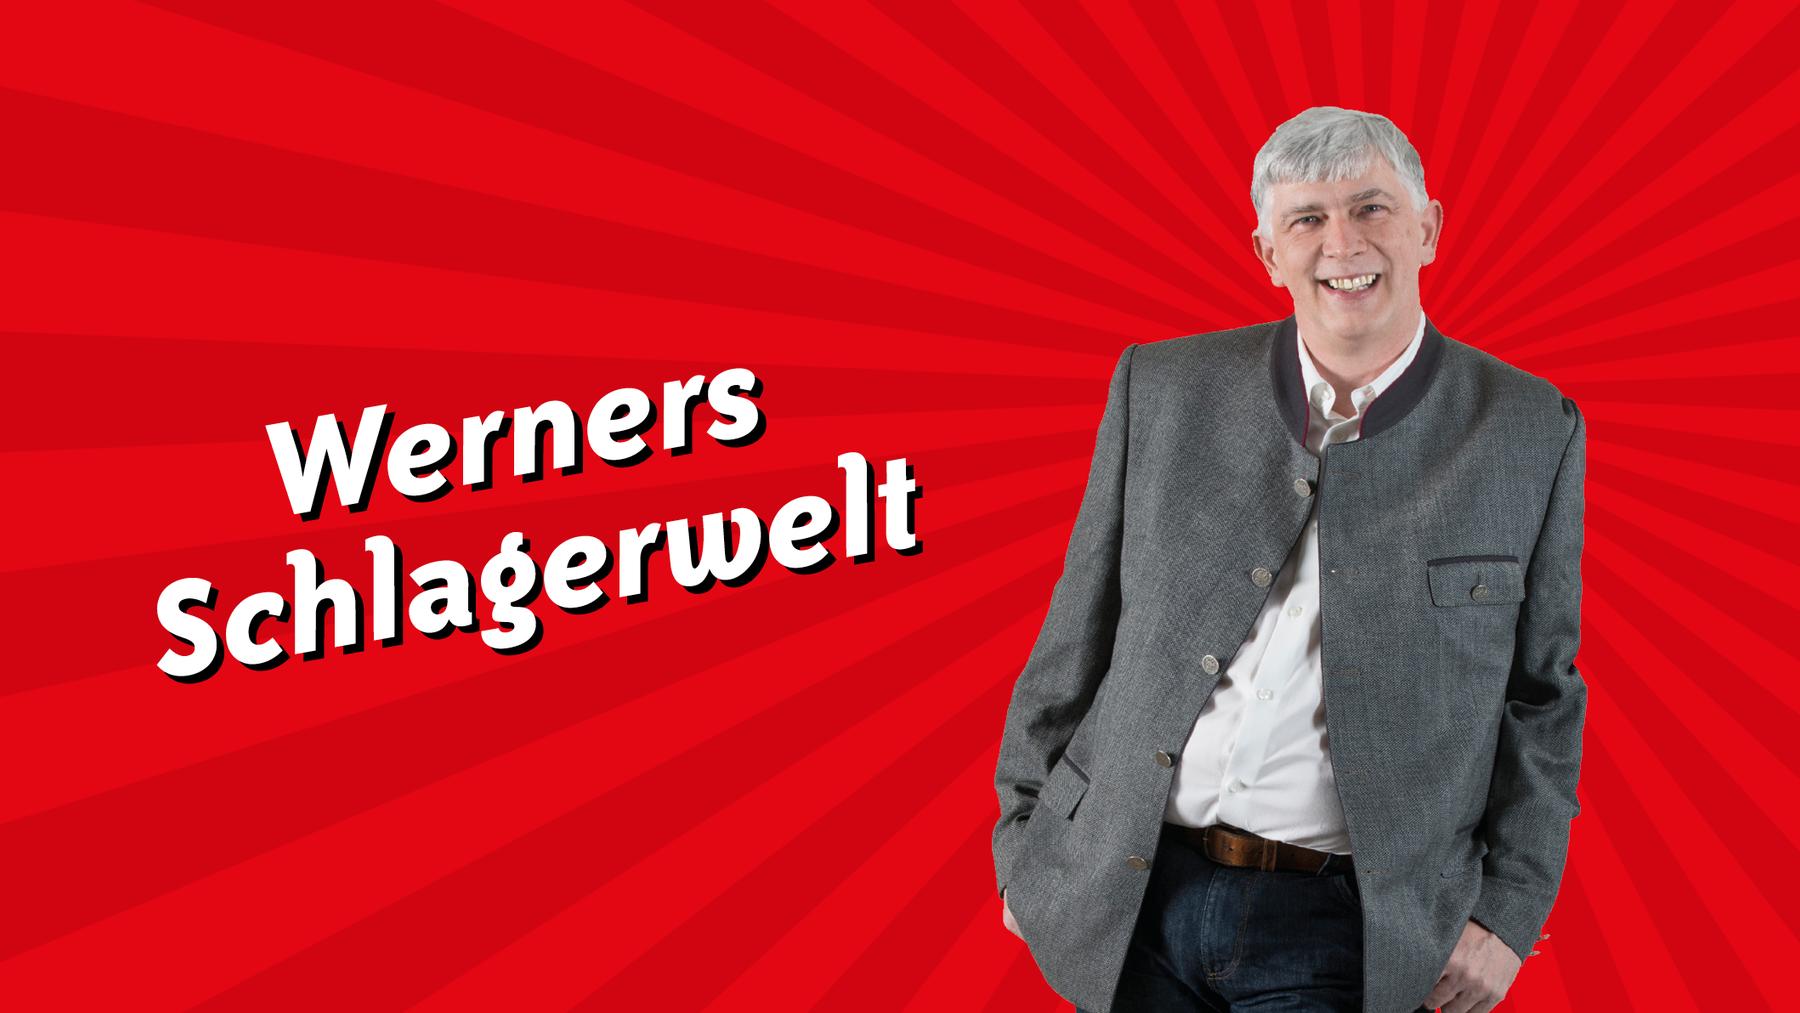 radiomelody_01_sendungen_werners-schlagerwelt